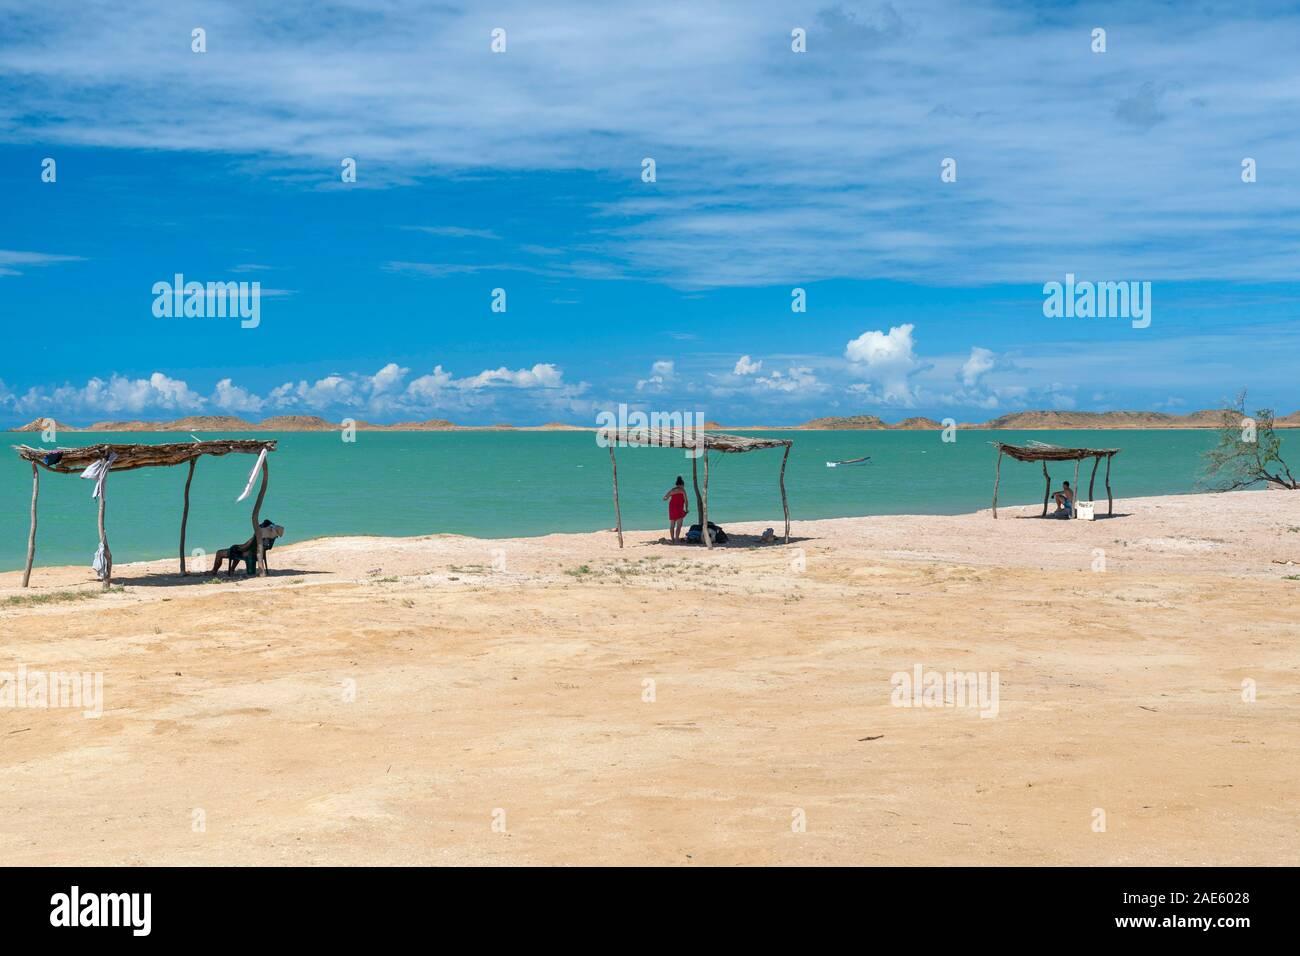 Paisaje costero en la península de La Guajira, norte de Colombia. Foto de stock